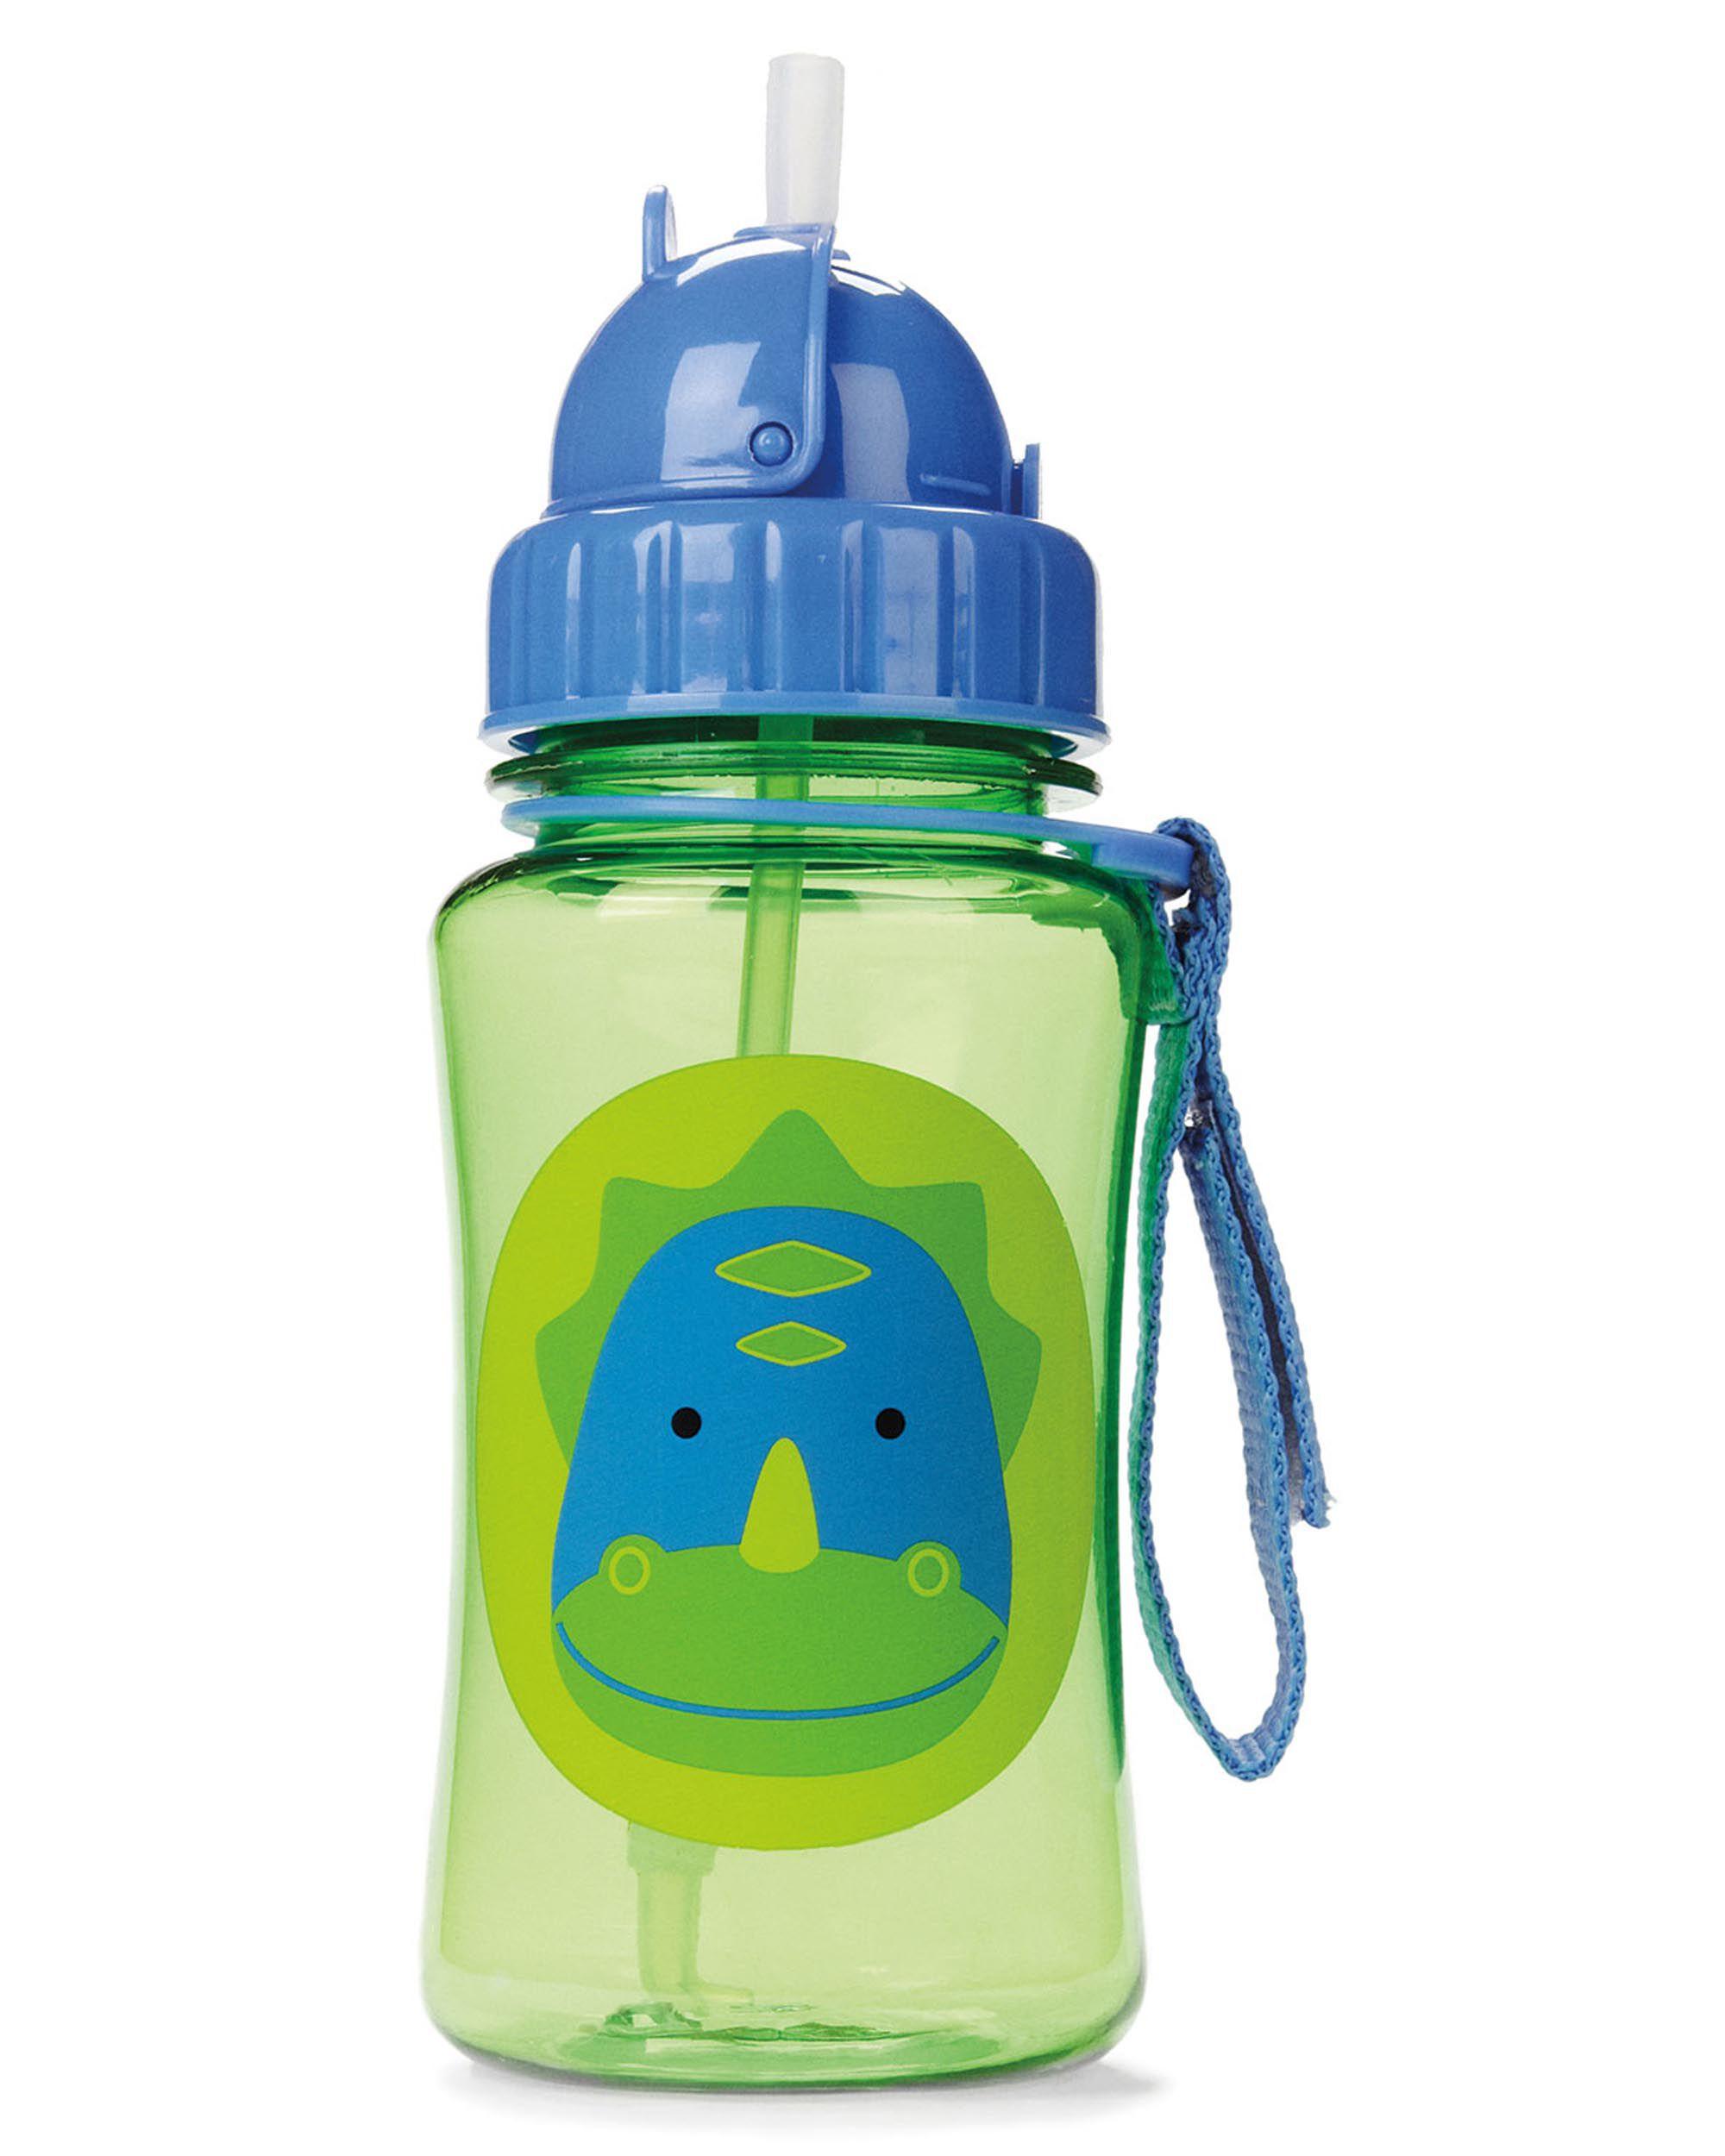 Skip Hop Zoo Straw Bottle Unicorn Kids Straw Drinking Bottle Feeding